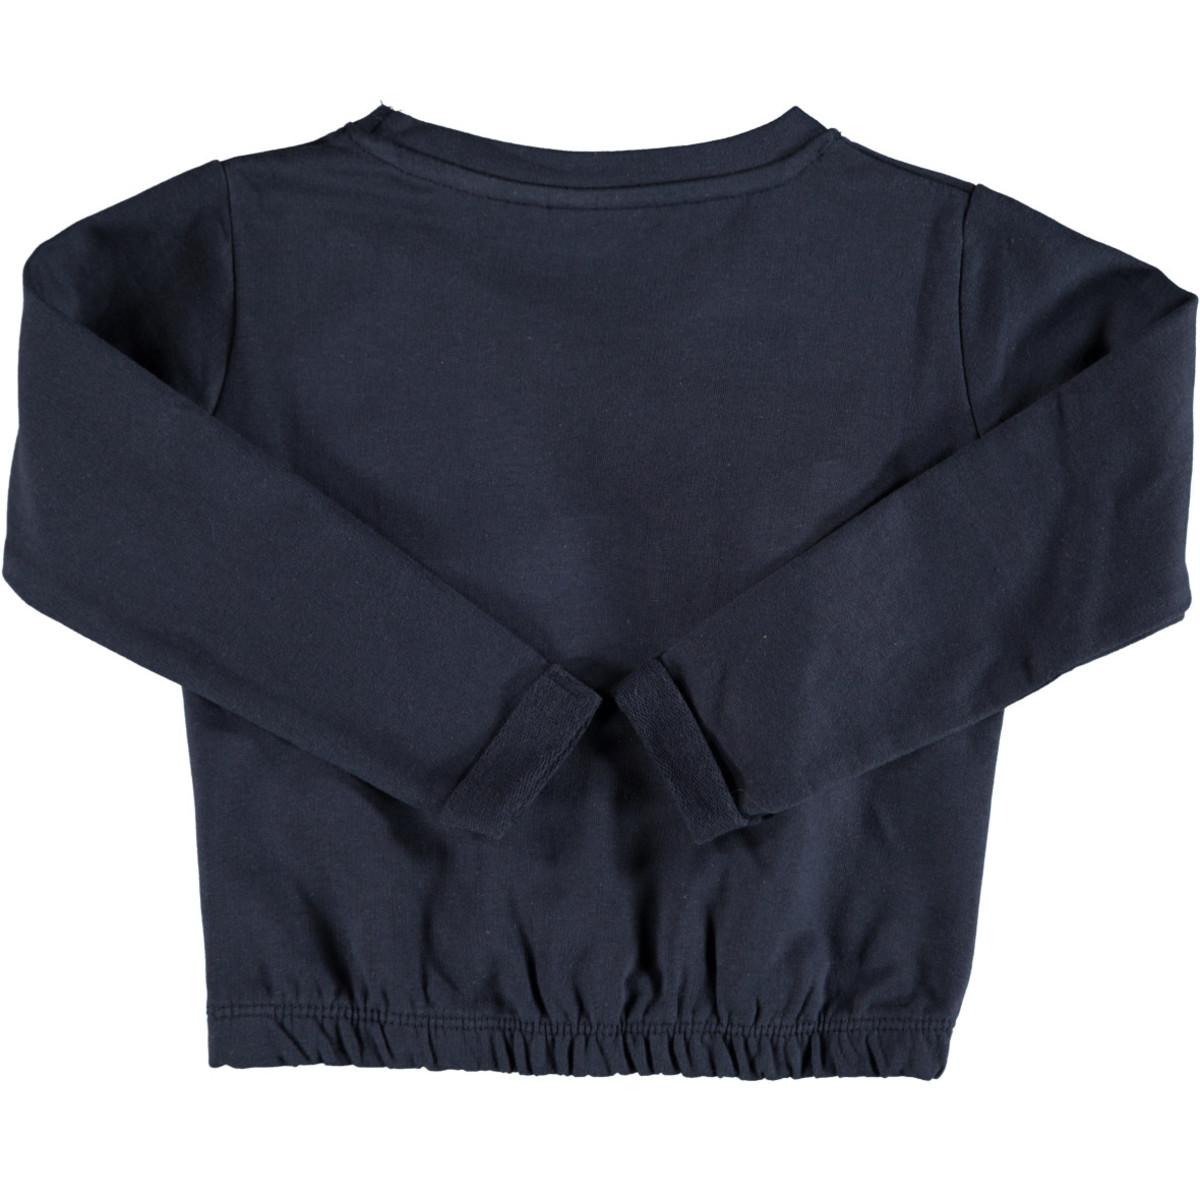 Bild 2 von Mädchen Sweatshirt mit Glitzer Print und Pompons